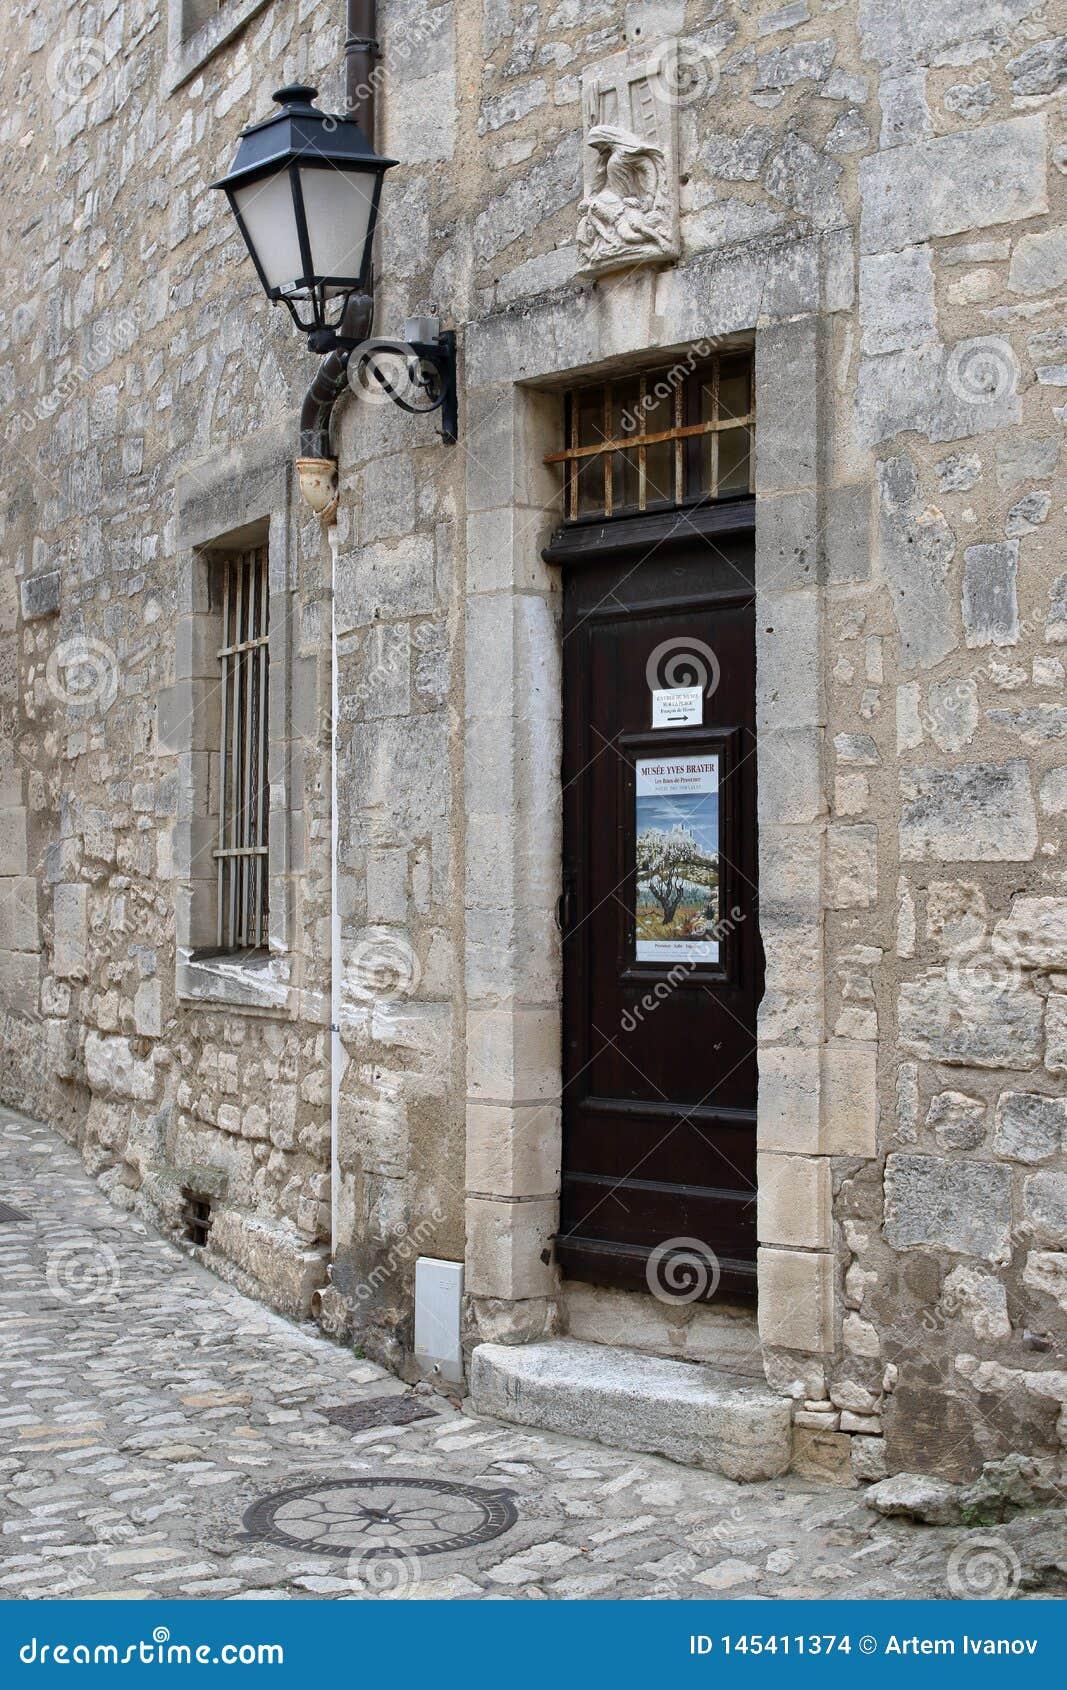 Античная деревянная дверь, фонарик утюга и скульптура Pietà над дверью